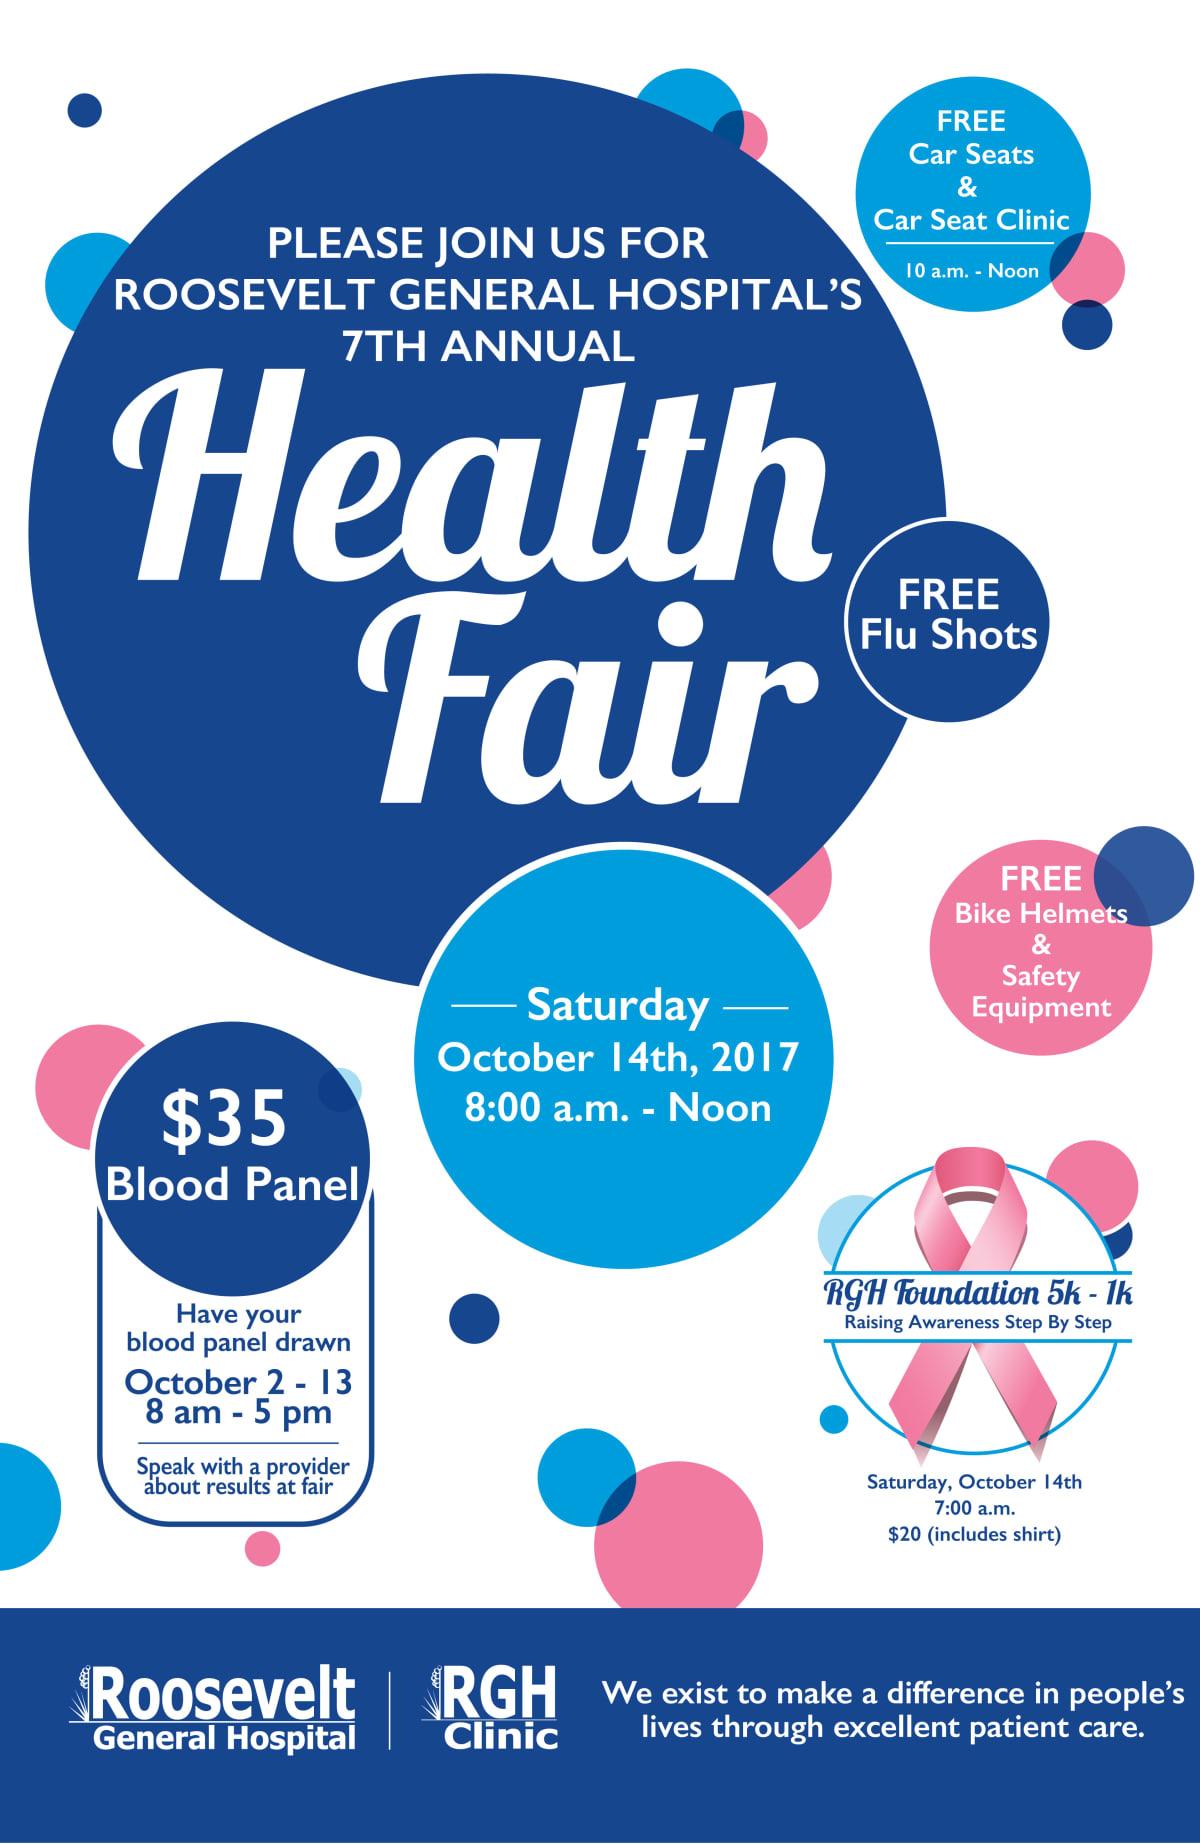 RGH-11x17-Health-Fair-Posters-2-w1200.jpg